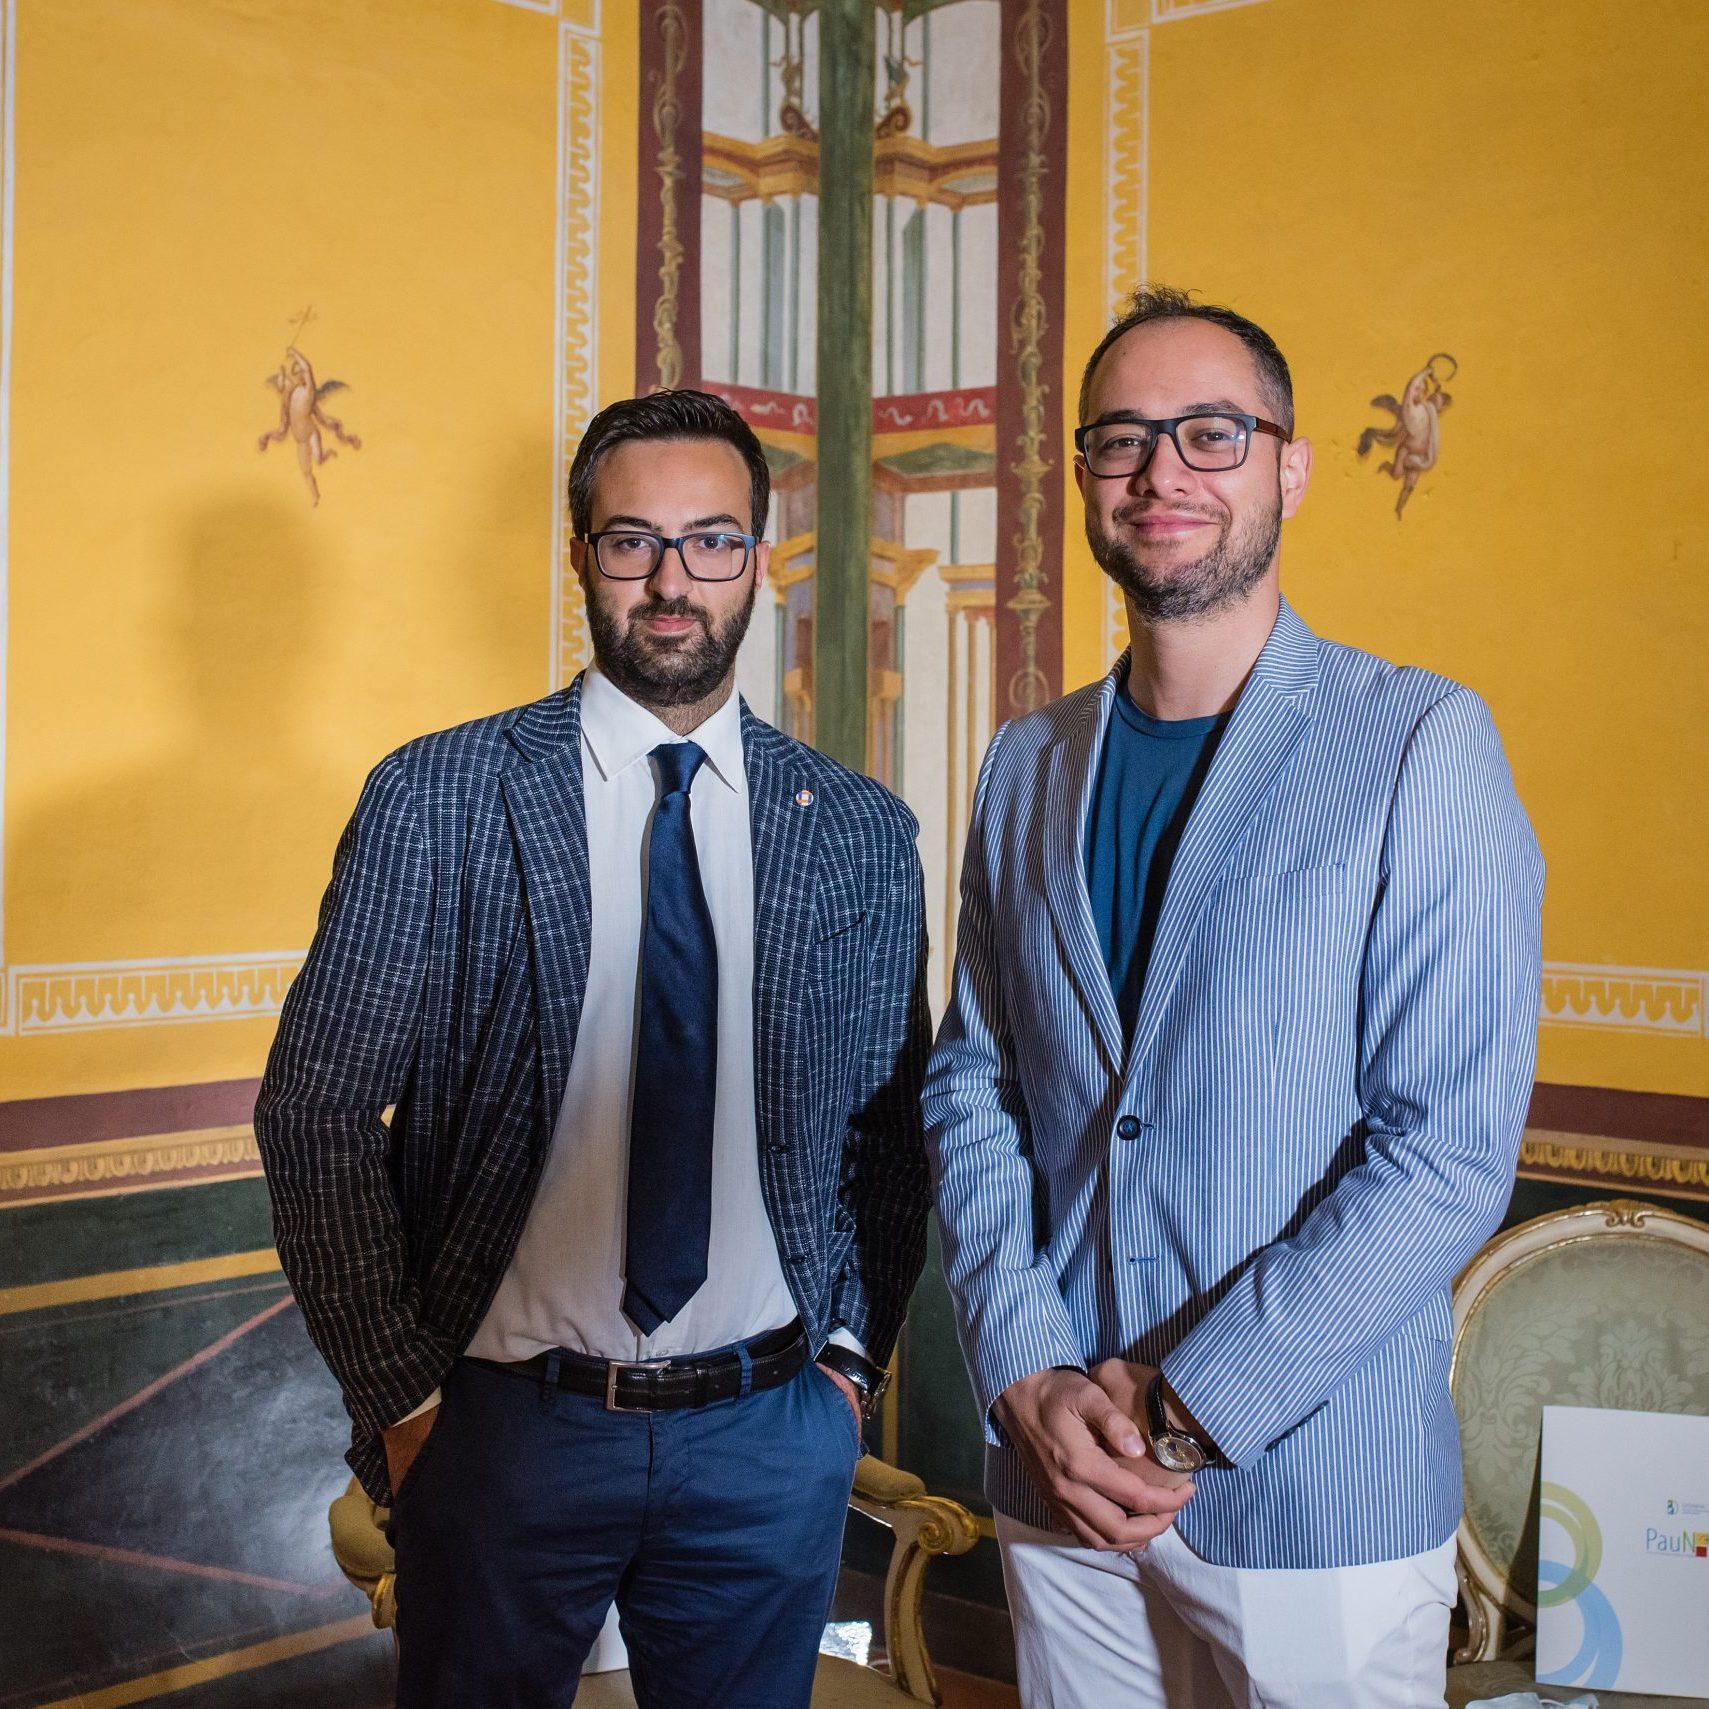 Peppe Alviggi e Antonio Del Vecchio presso Palazzo Reale per la terza tappa del progetto PAUN